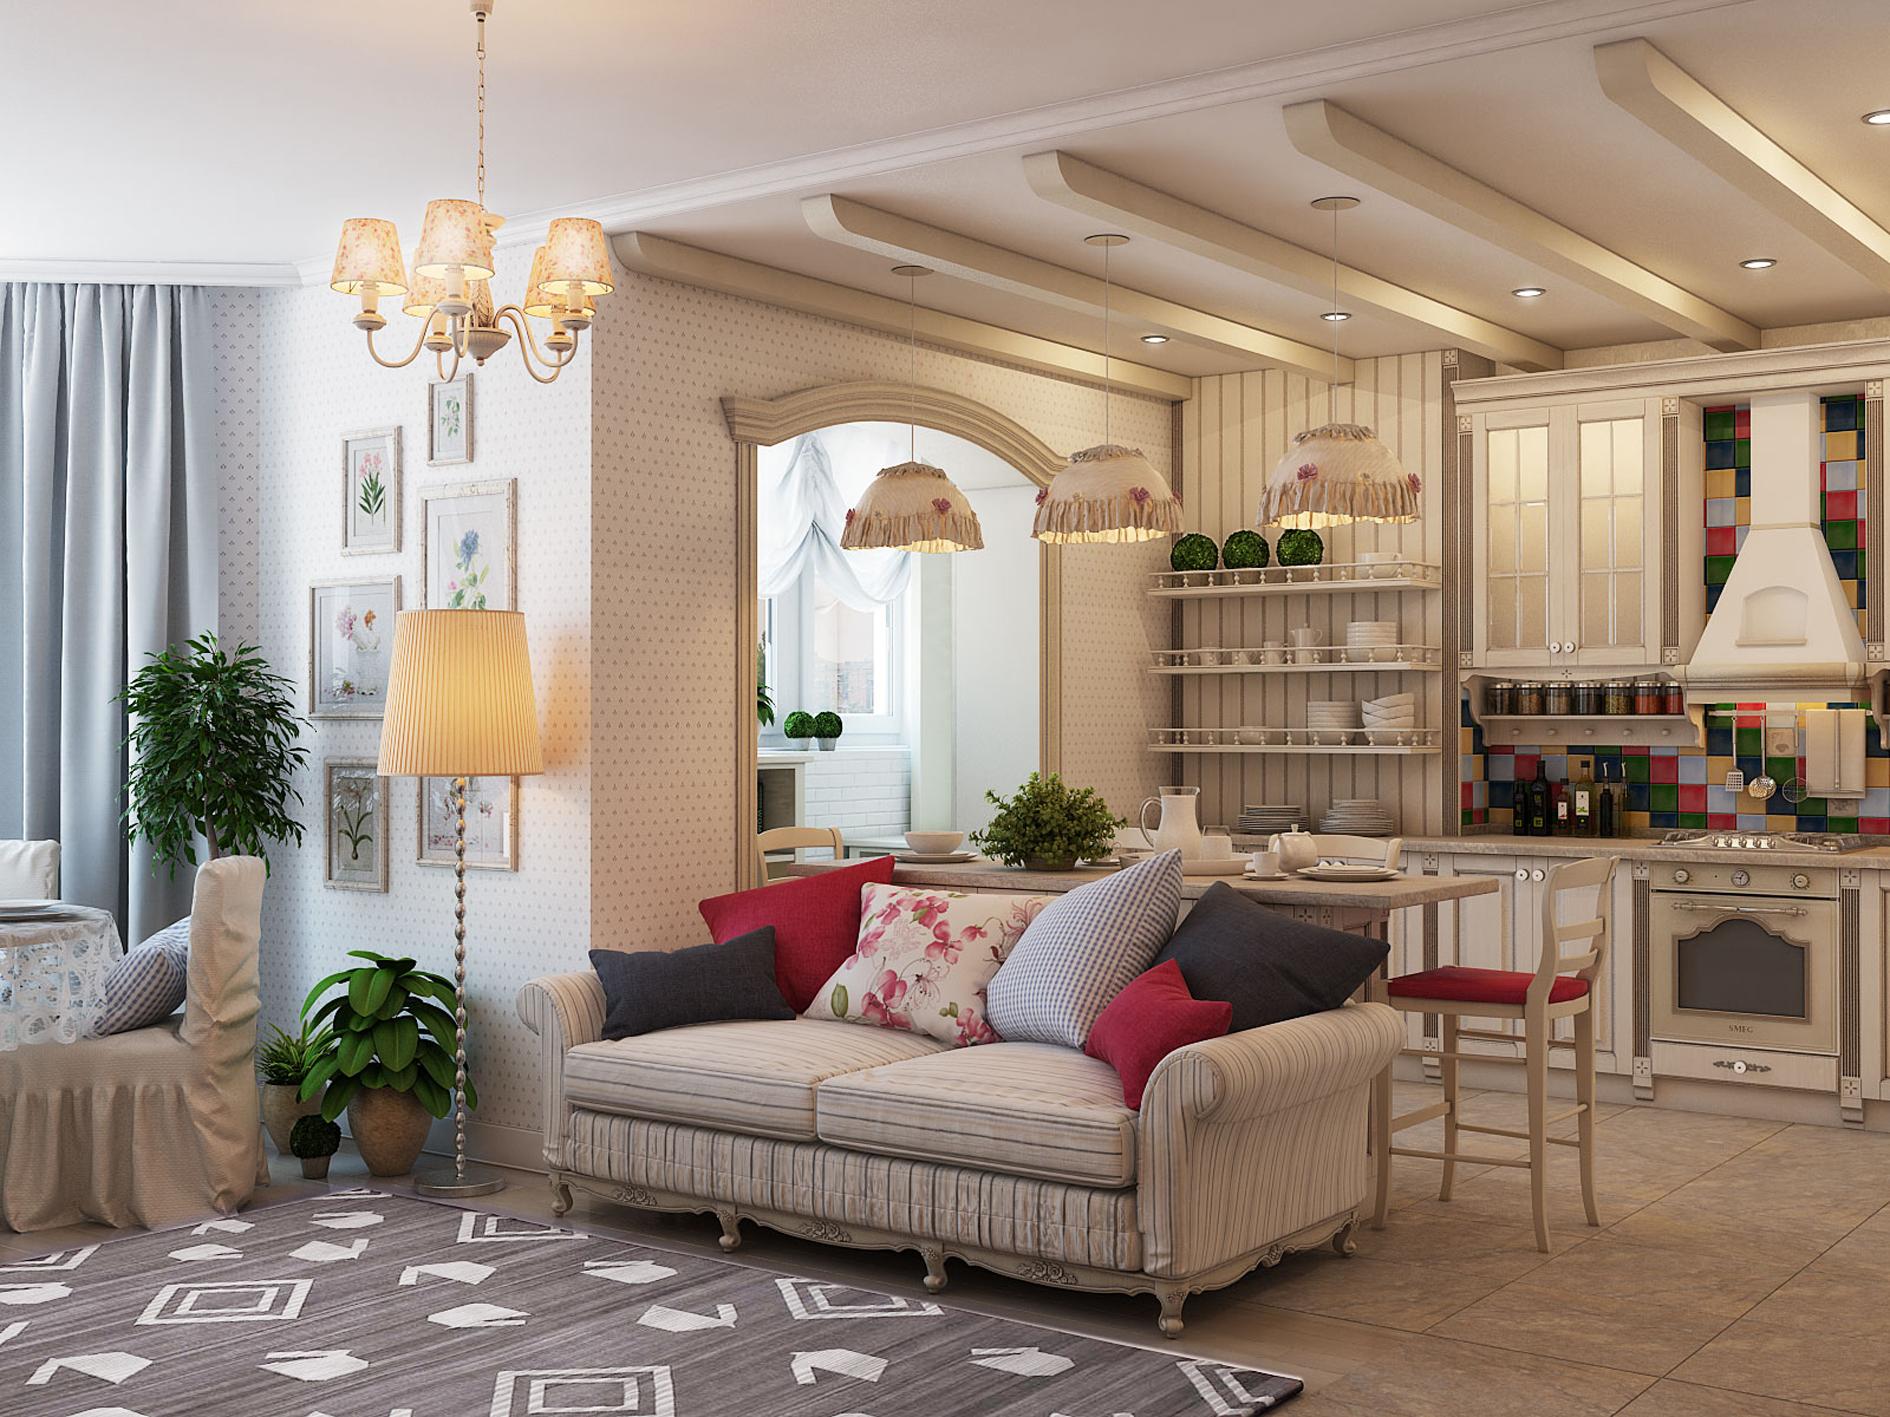 Кухня - гостиная в стиле прованс в комнате 20 кв м